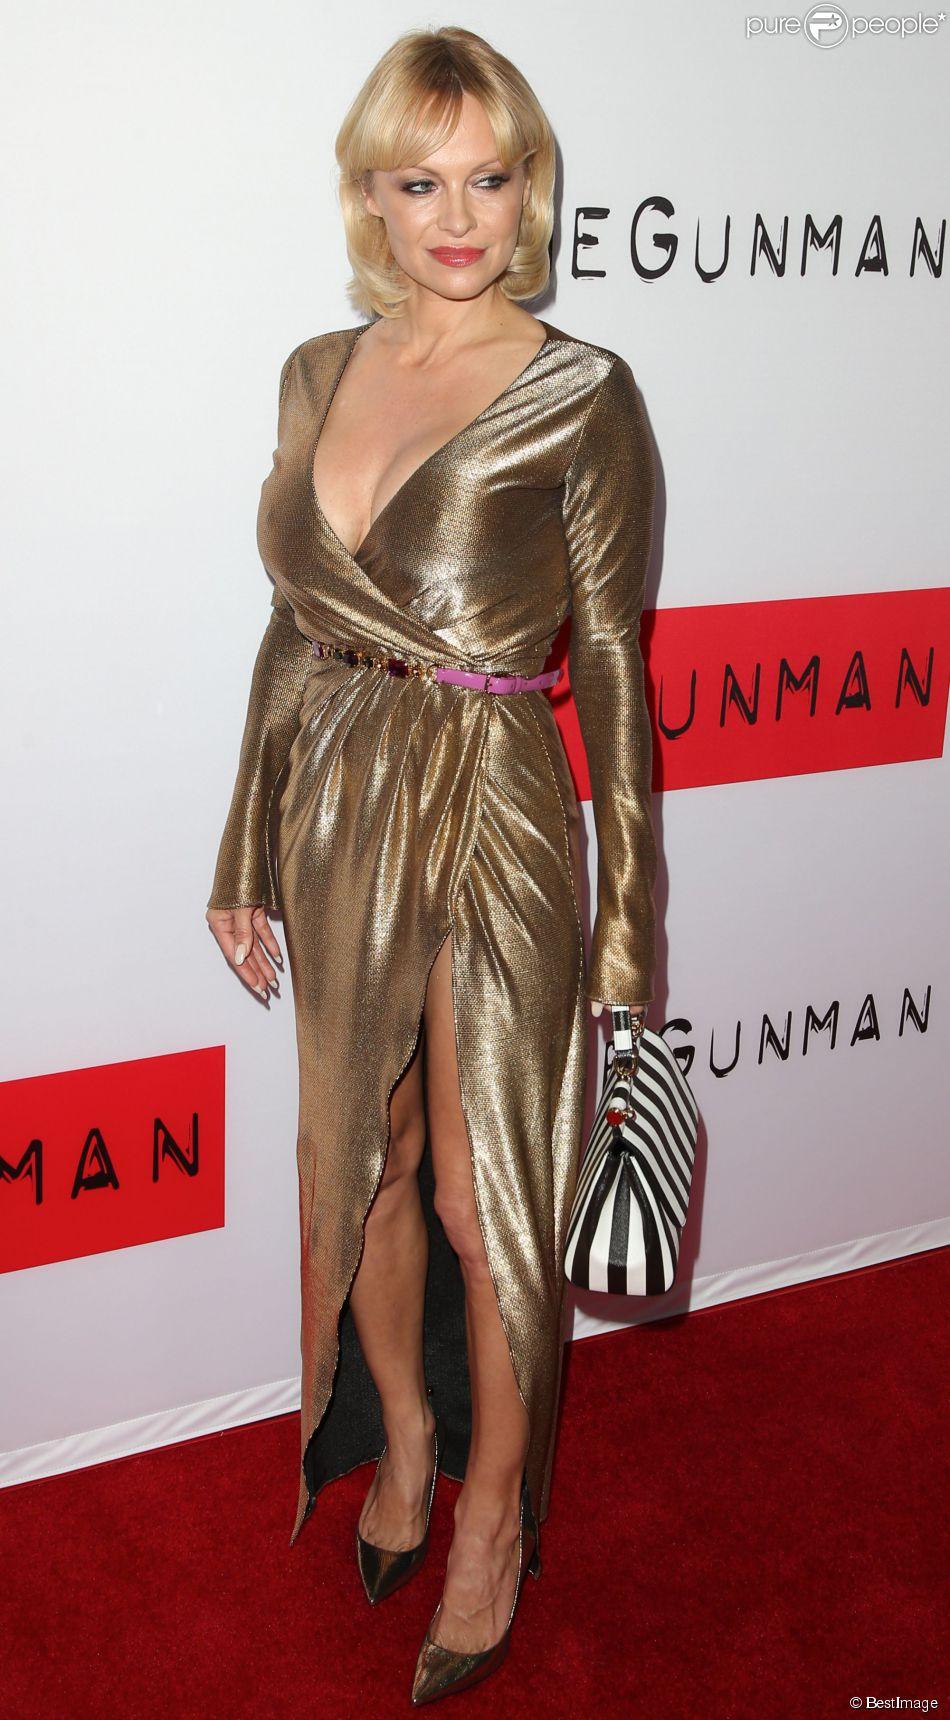 """Pamela Anderson à la première du film """" The Gunman """" Los Angeles, le 12 Mars 2015"""